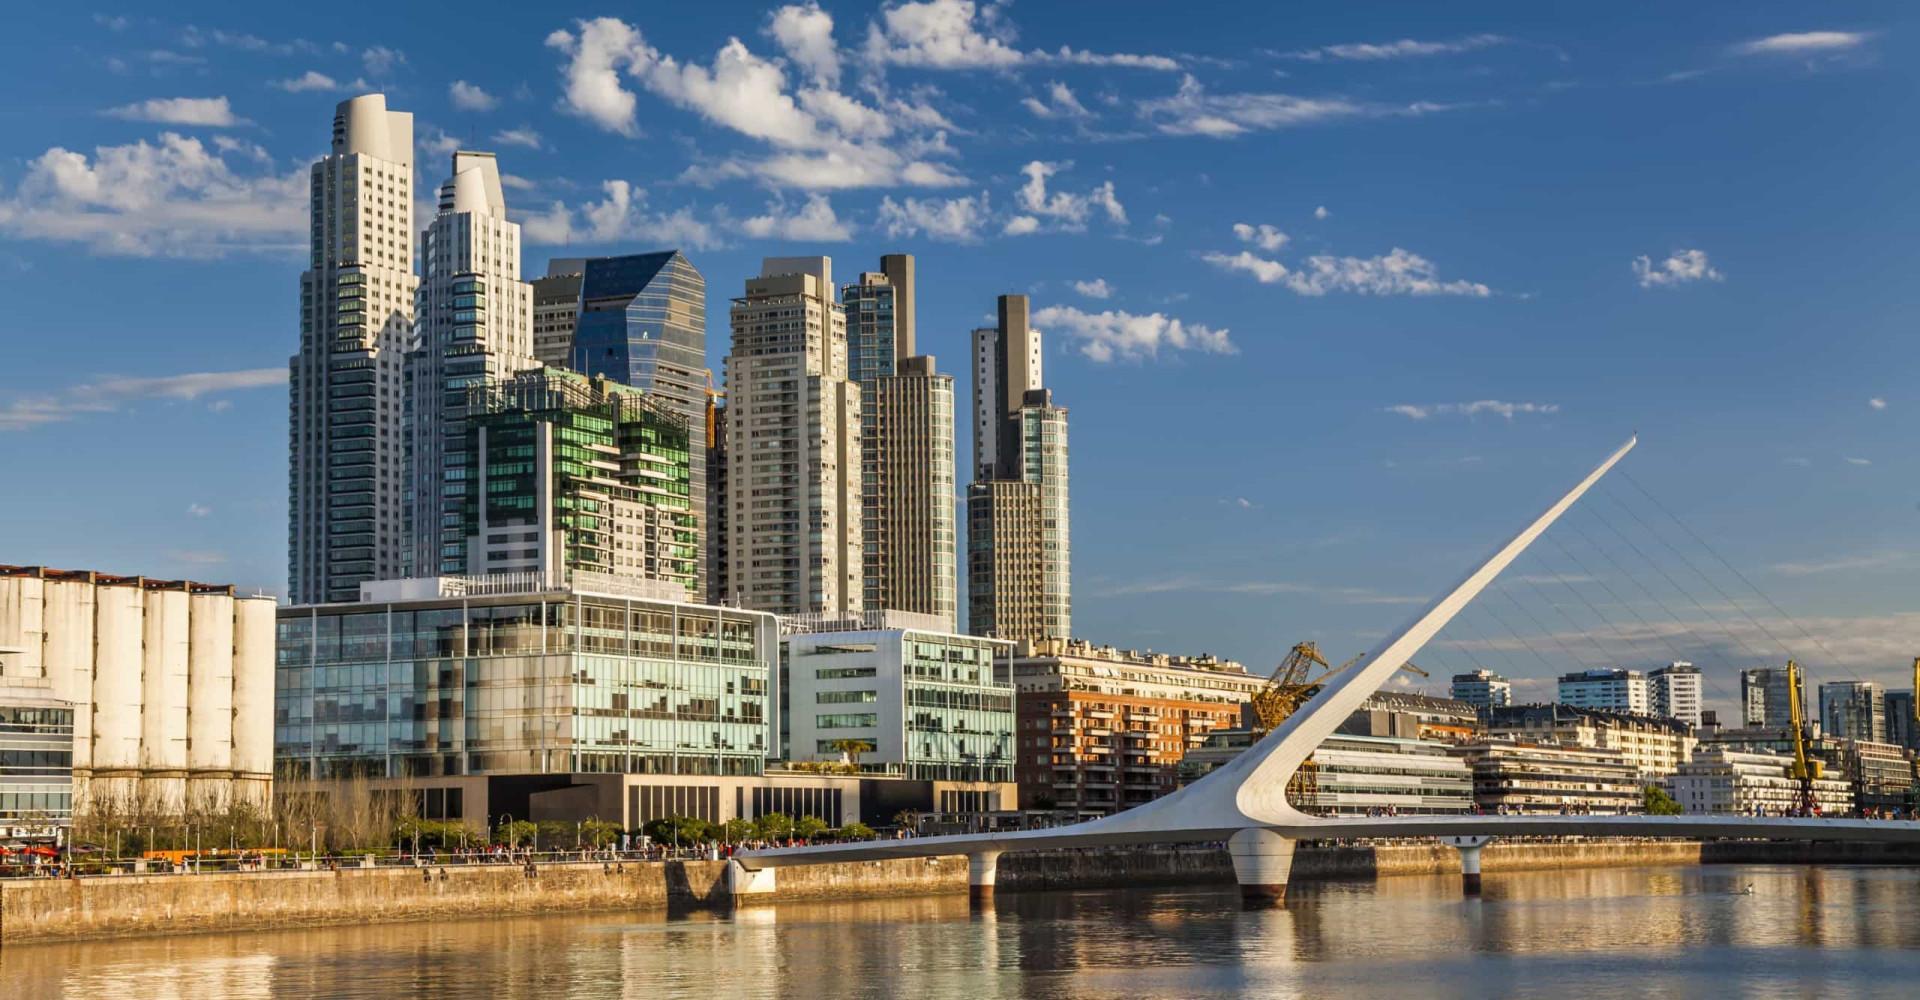 Opere architettoniche mozzafiato: ecco i ponti più belli del pianeta